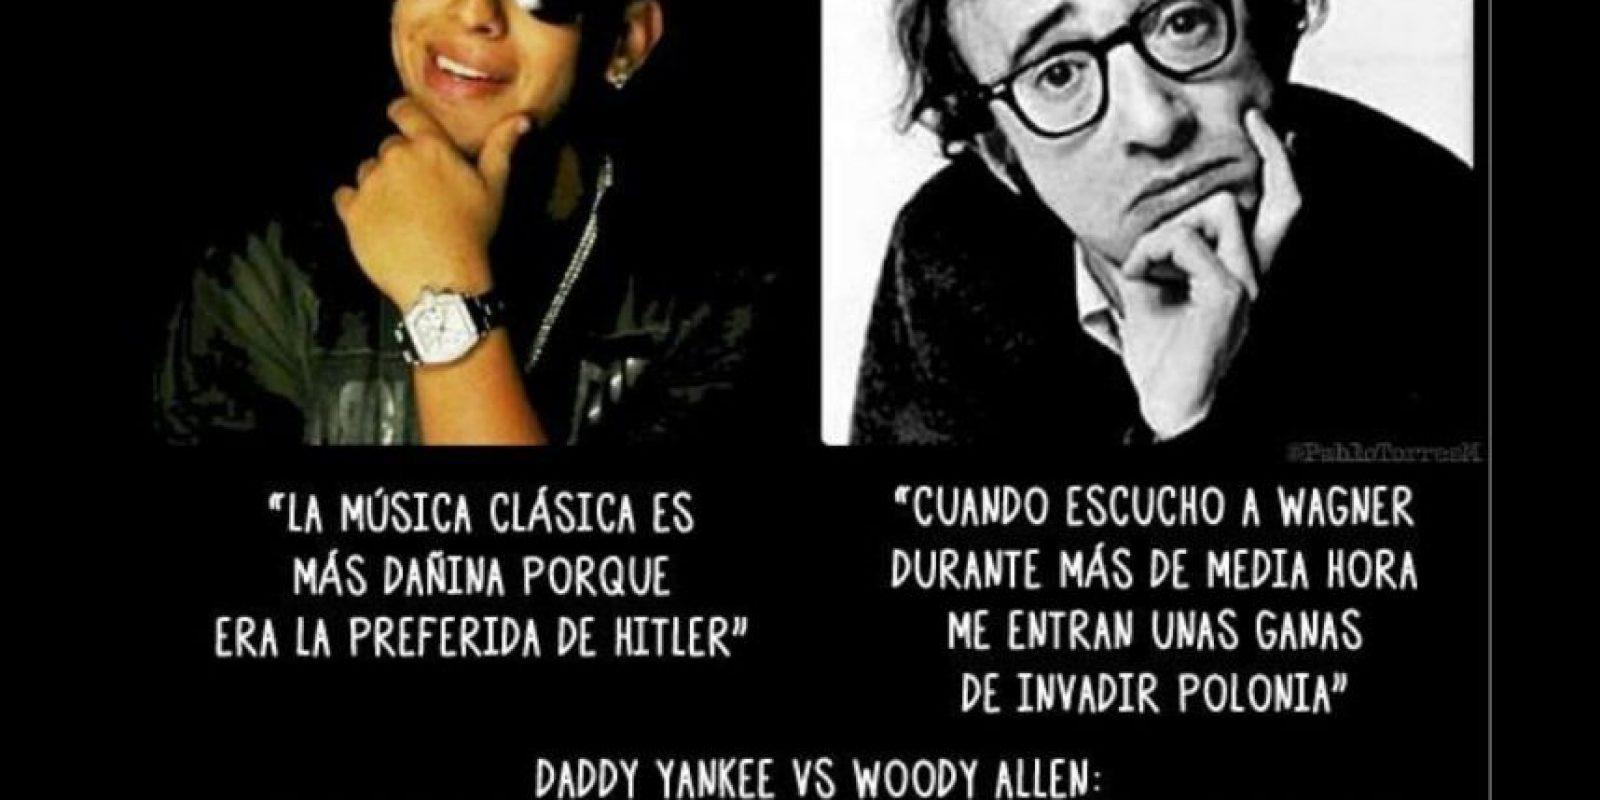 También lo comparan con Woody Allen Foto:Twitter